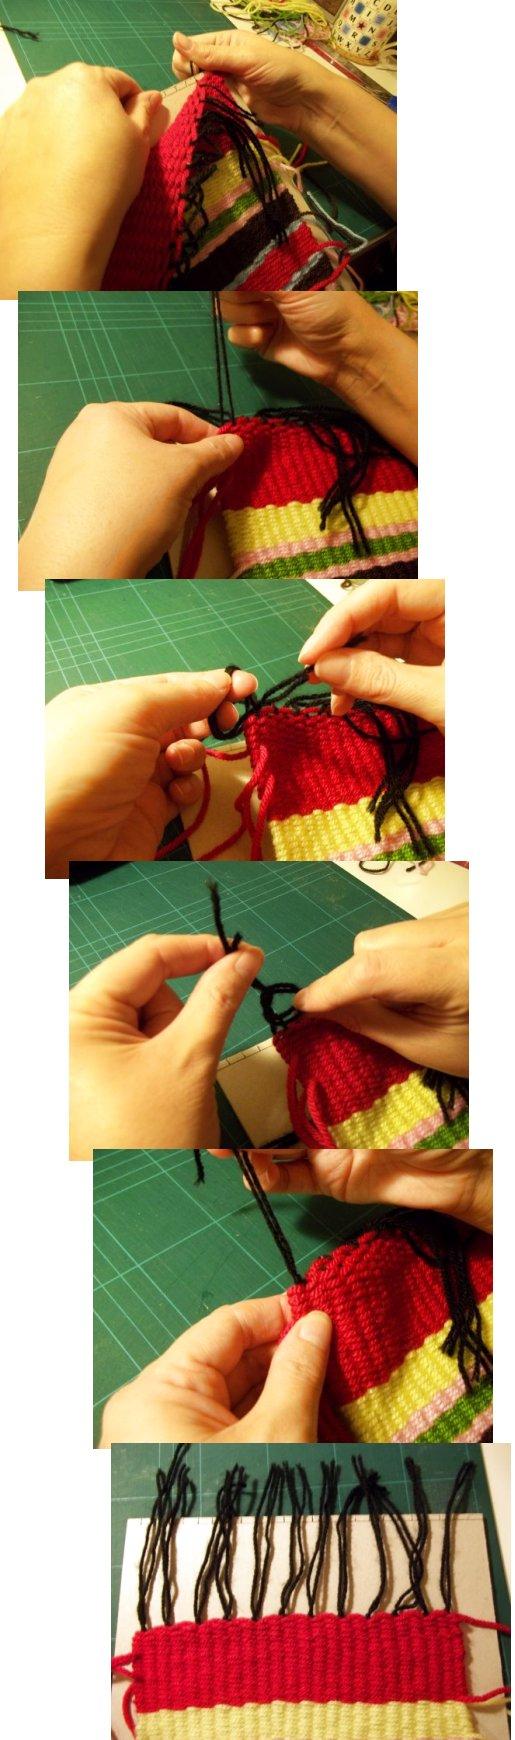 Tejido en telar de fabricación casera sencilla Basic-weaving-with-a-homemade-loom-step10